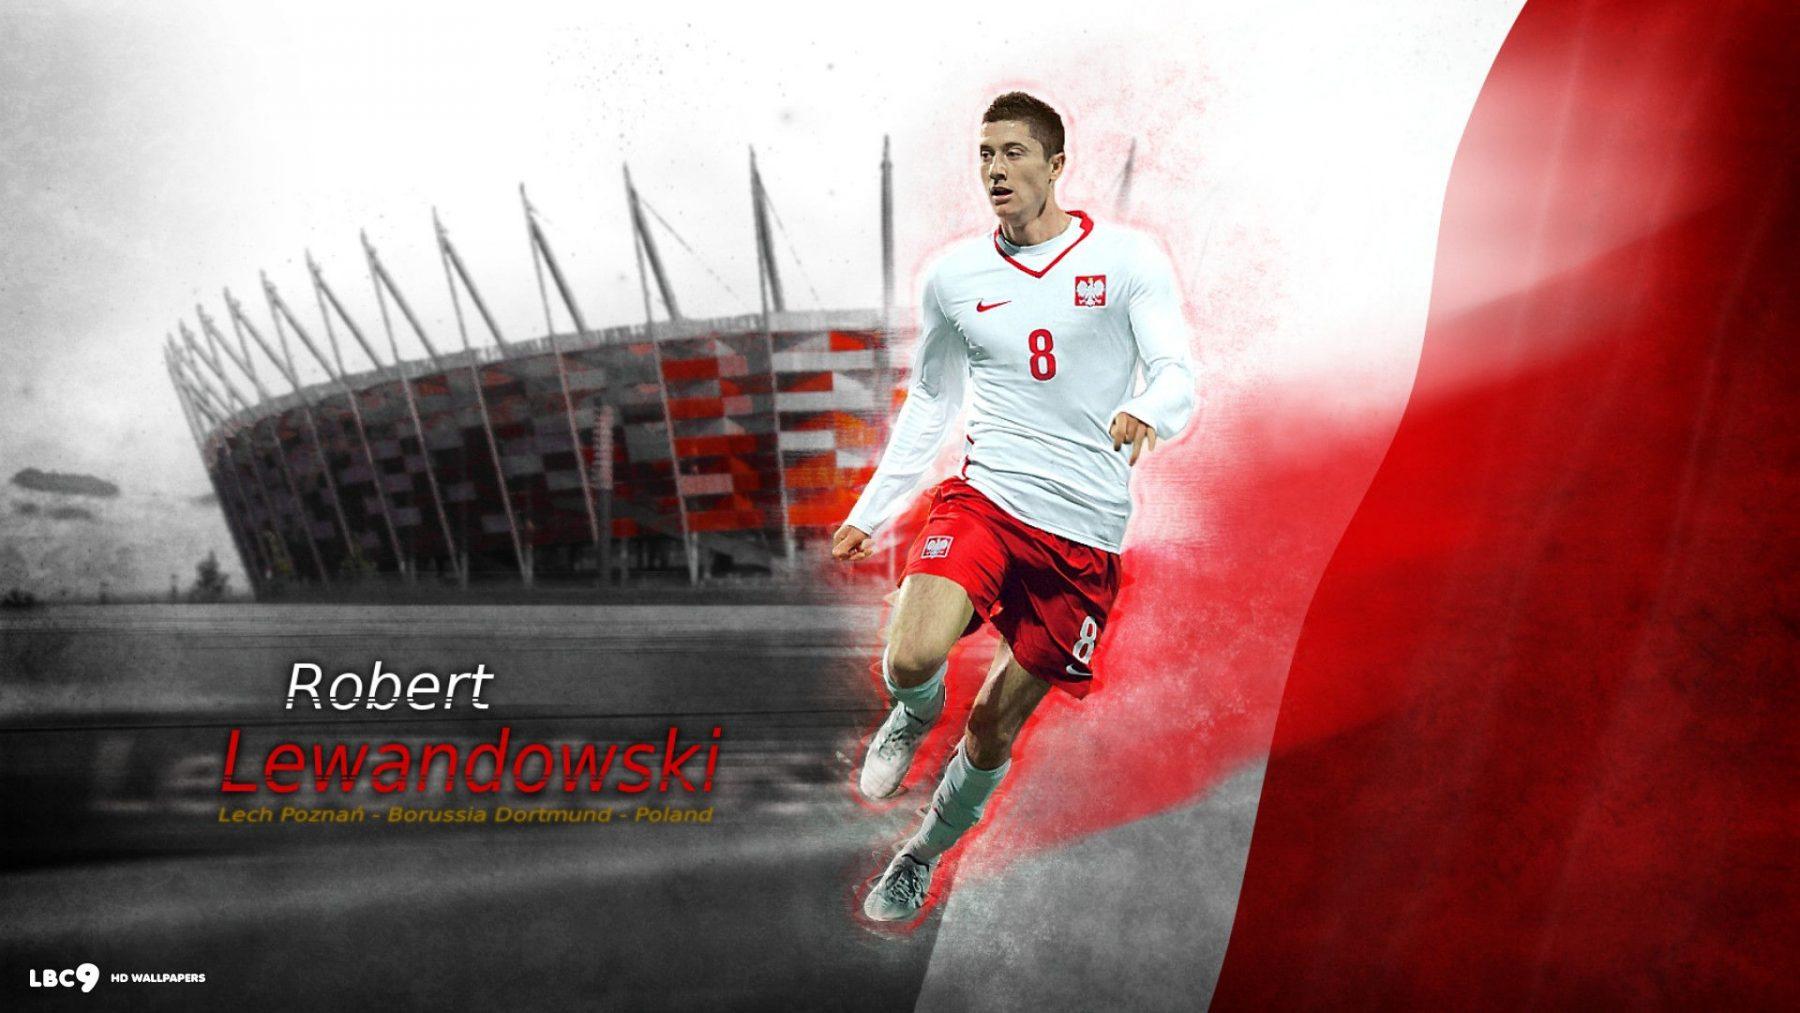 Robert Lewandowski Dortmund Wallpaper Football Wallpapers Wallpapers Gallery